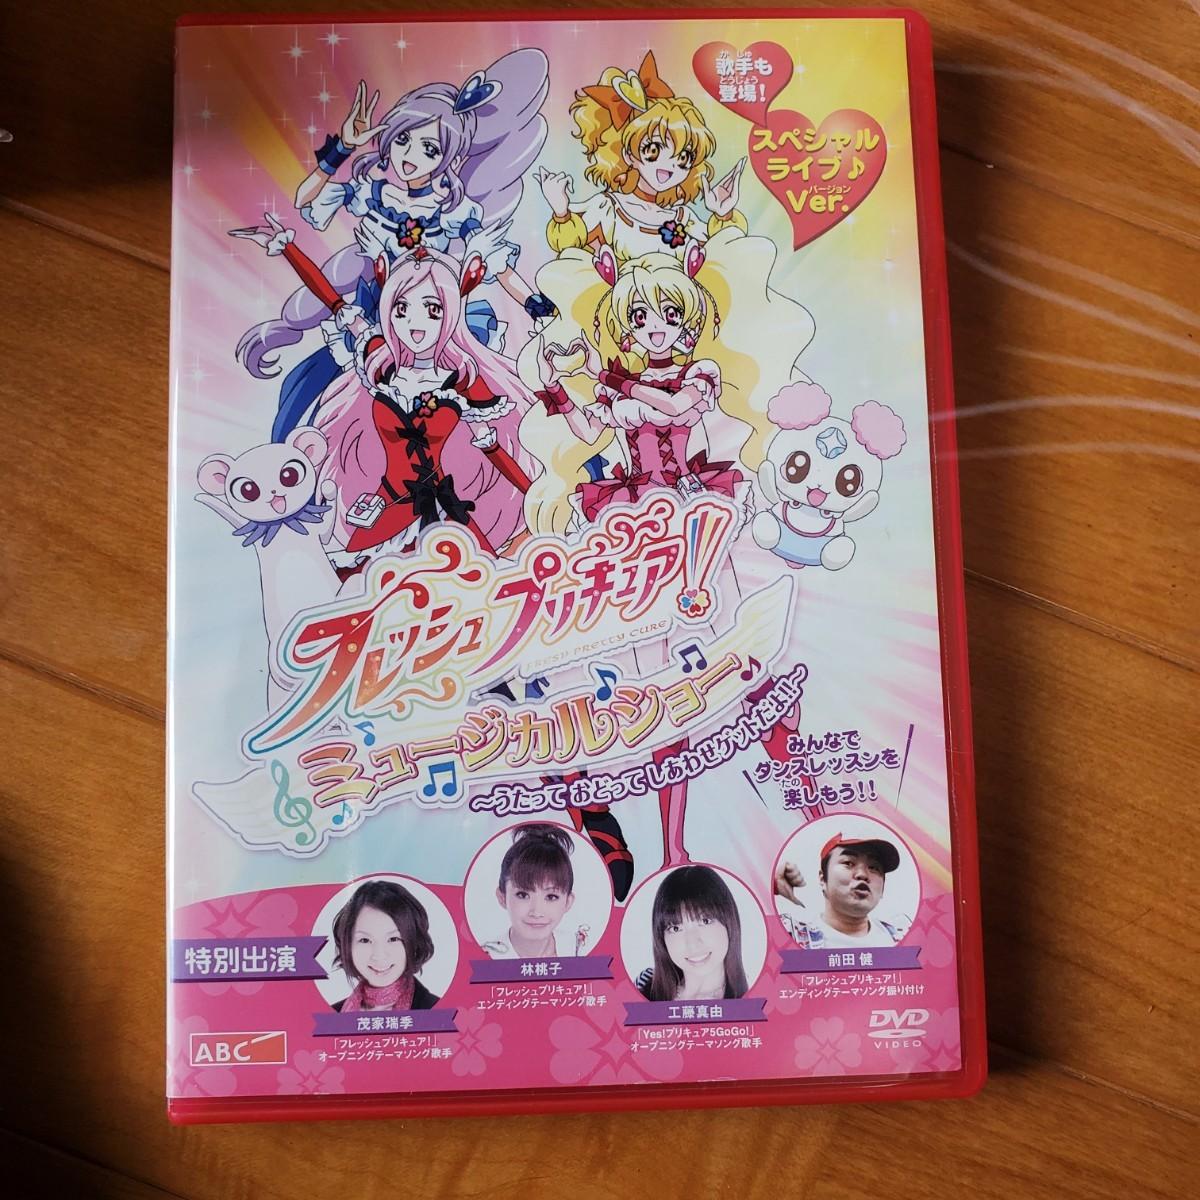 【DVD】フレッシュプリキュア